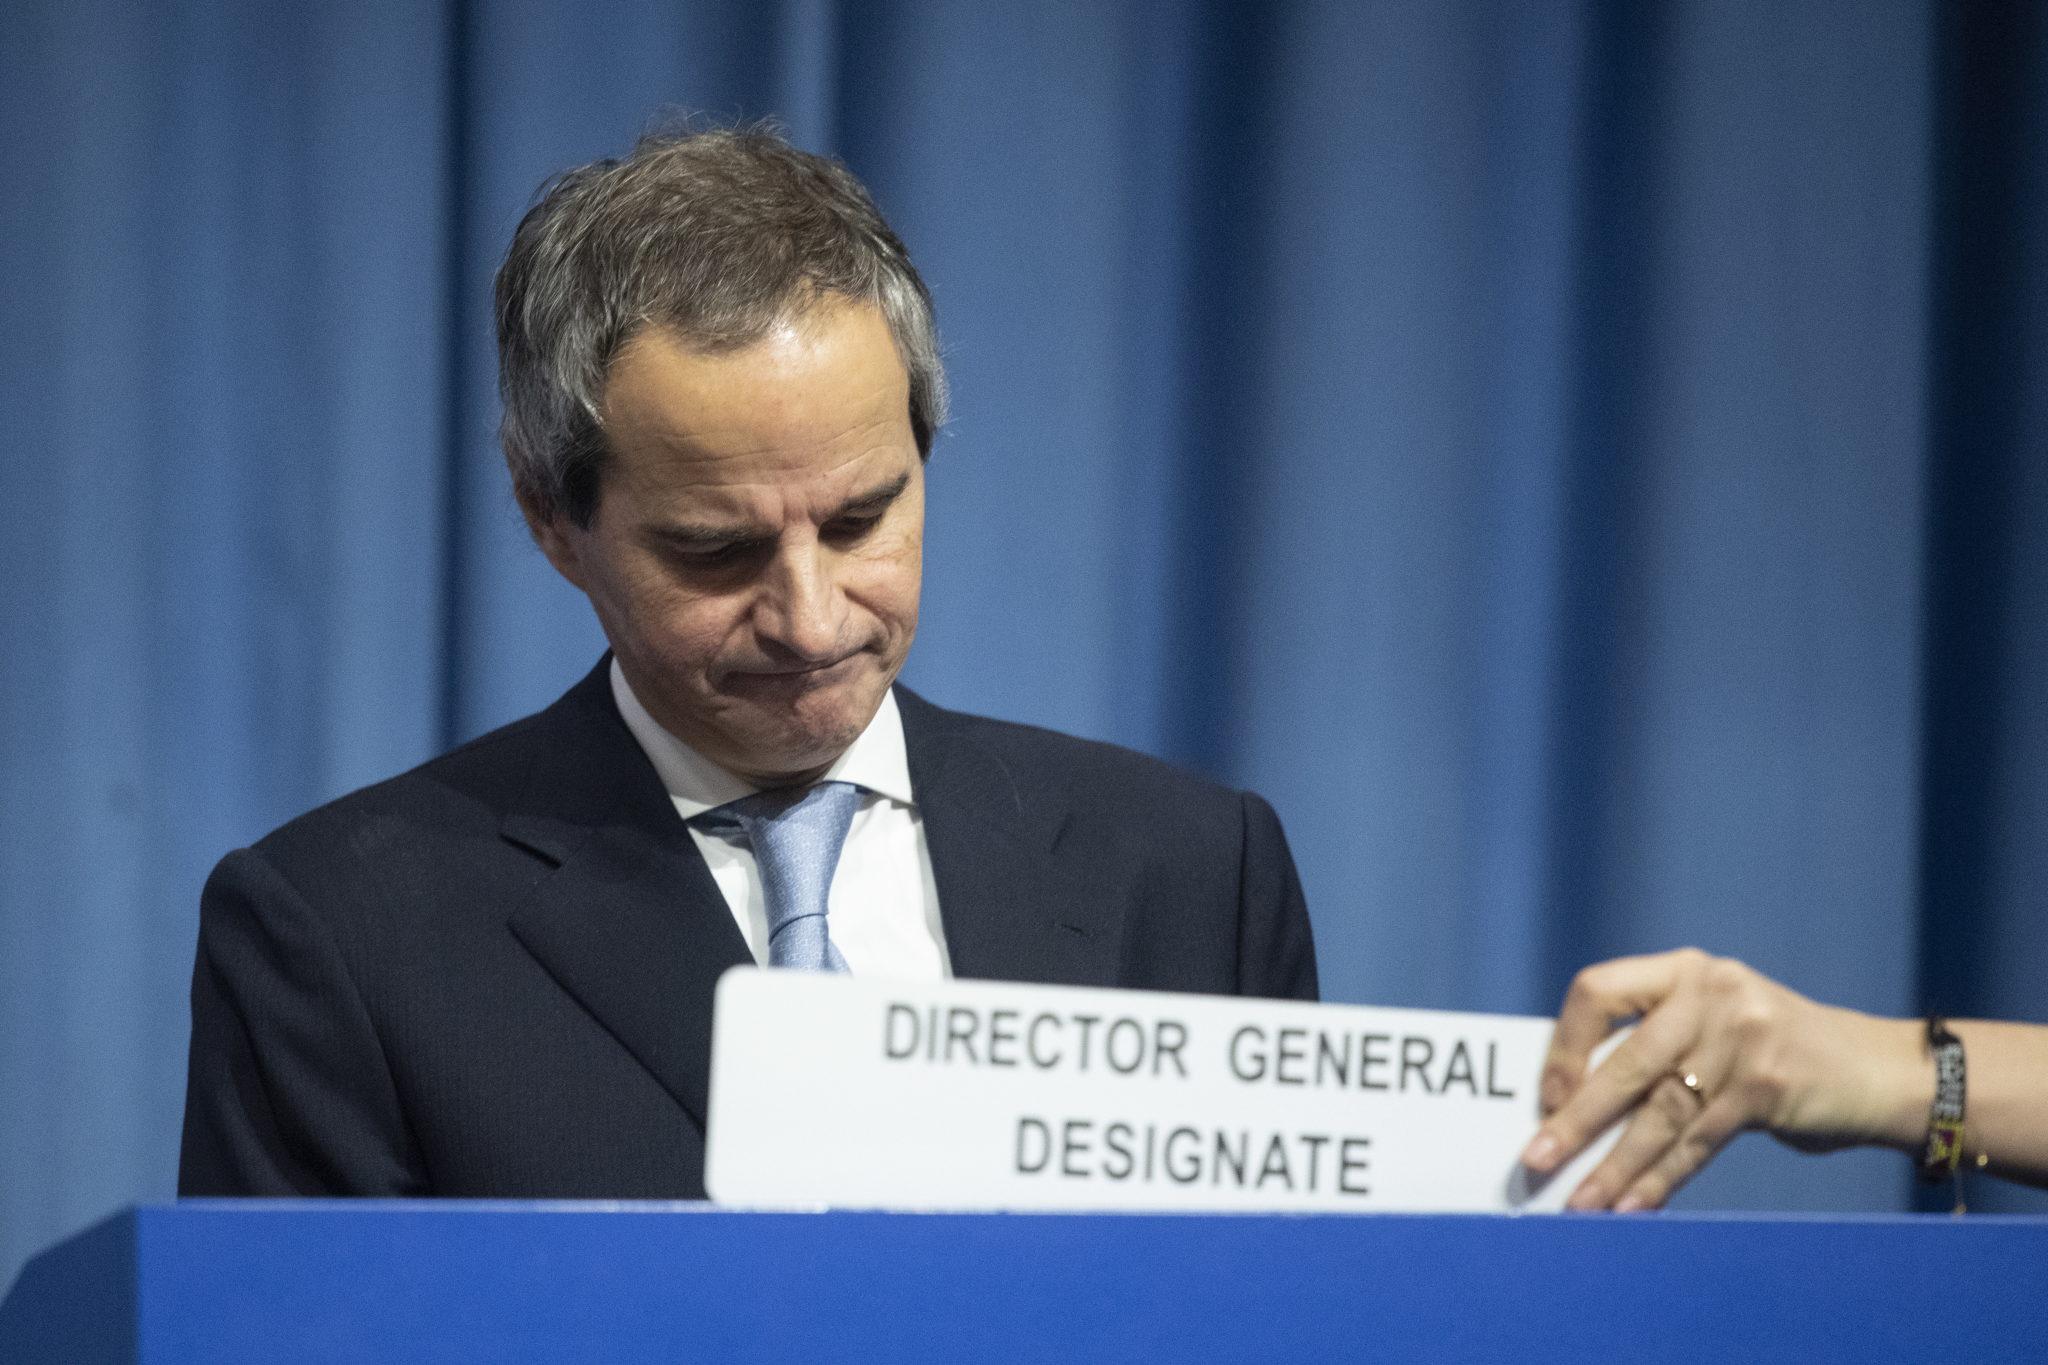 Rozpoczyna się szczyt klimatyczny w Madrycie. Michał Kurtyka przekazał prezydencję Chile. Symboliczny młoteczek przewodniczącego przejęła Carolina Schmidt, fot. EPA/CHRISTIAN BRUNA